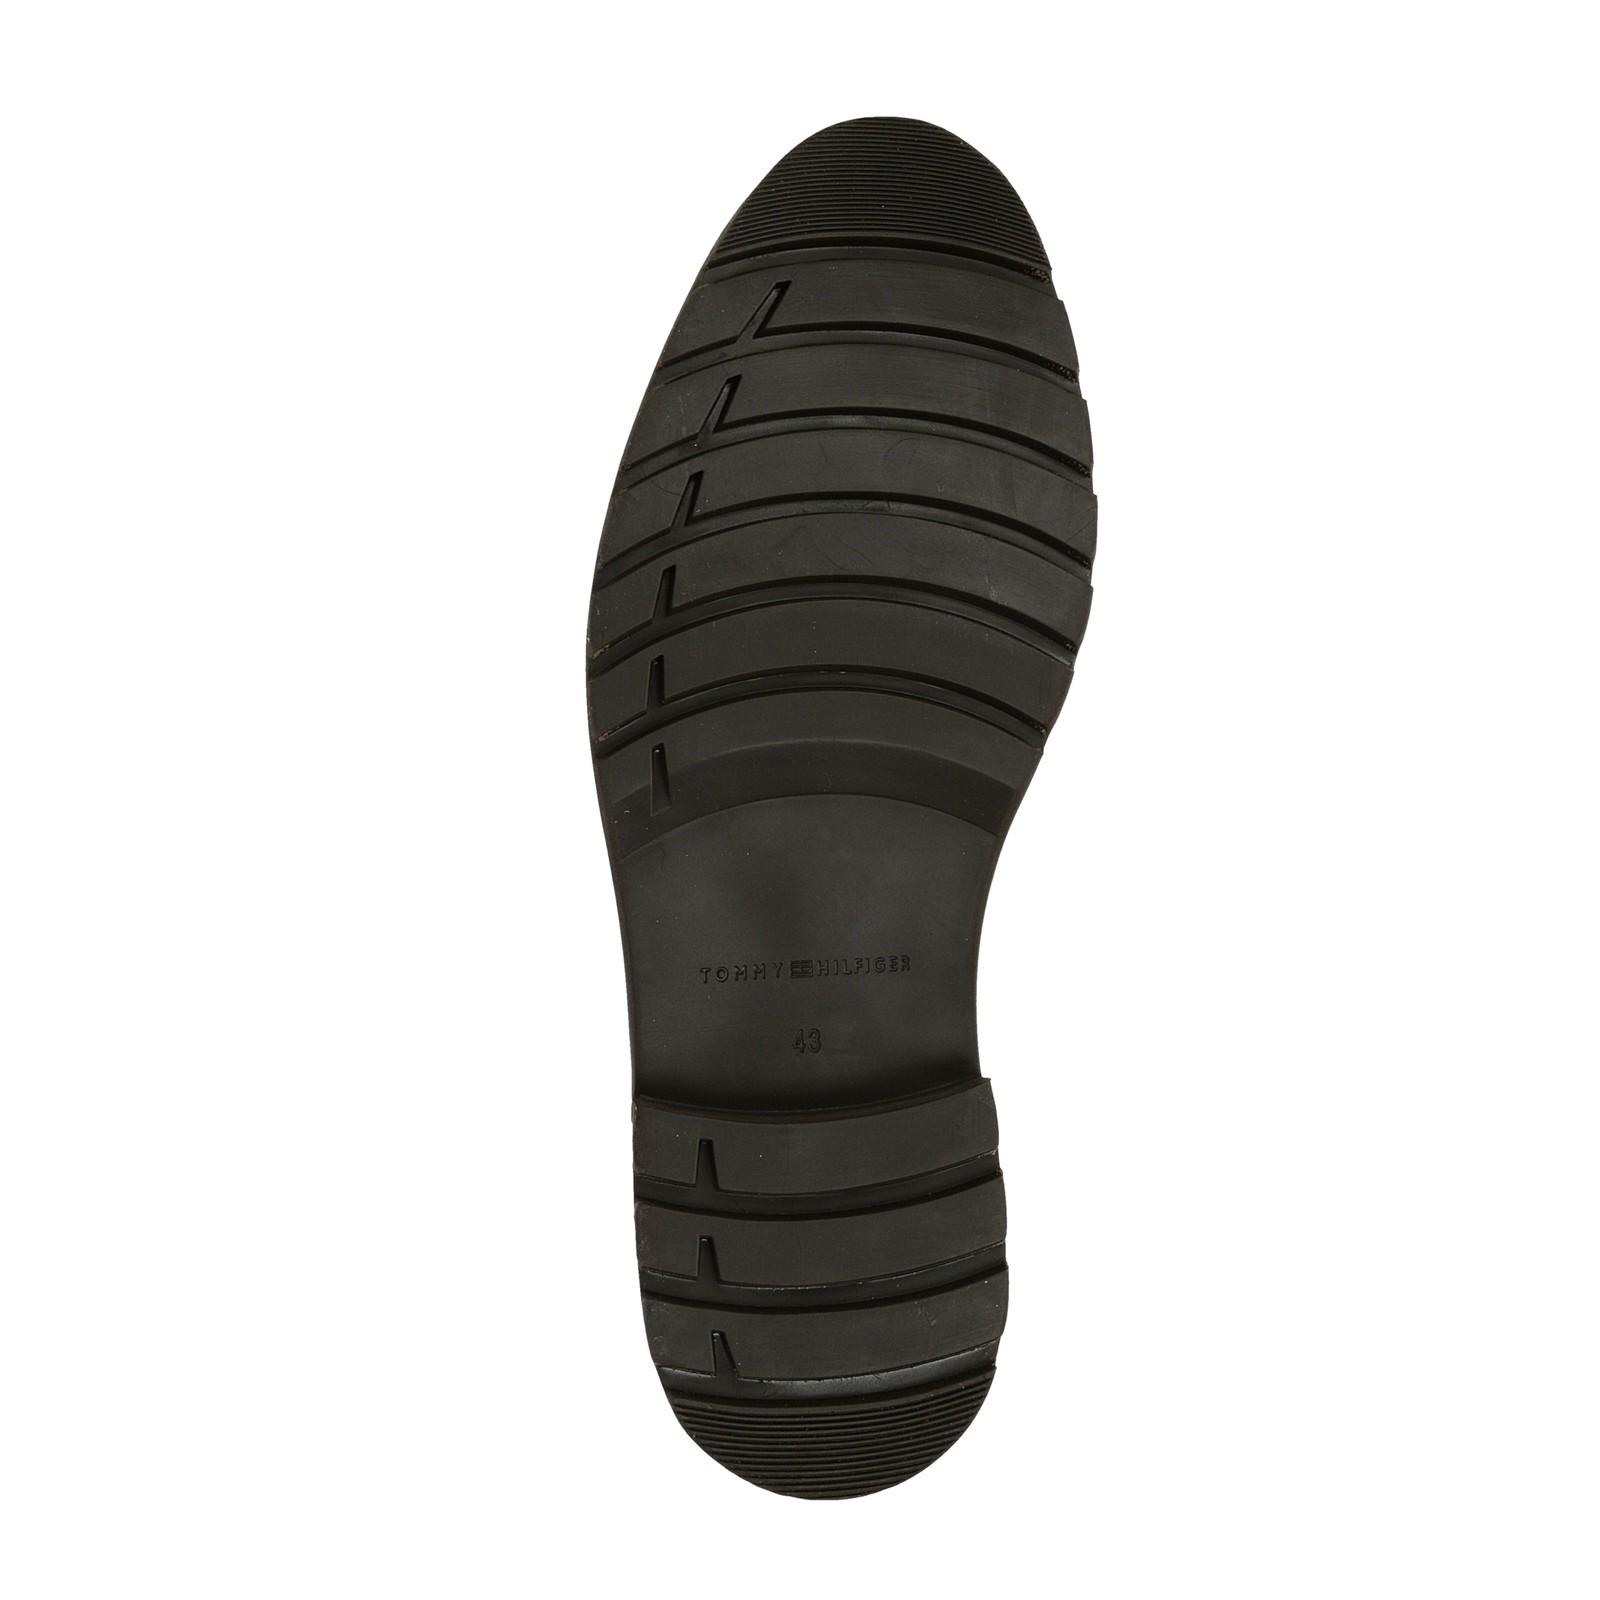 Tommy Hilfiger pánská kožená kotníková obuv - hnědá ... b33d4fe378